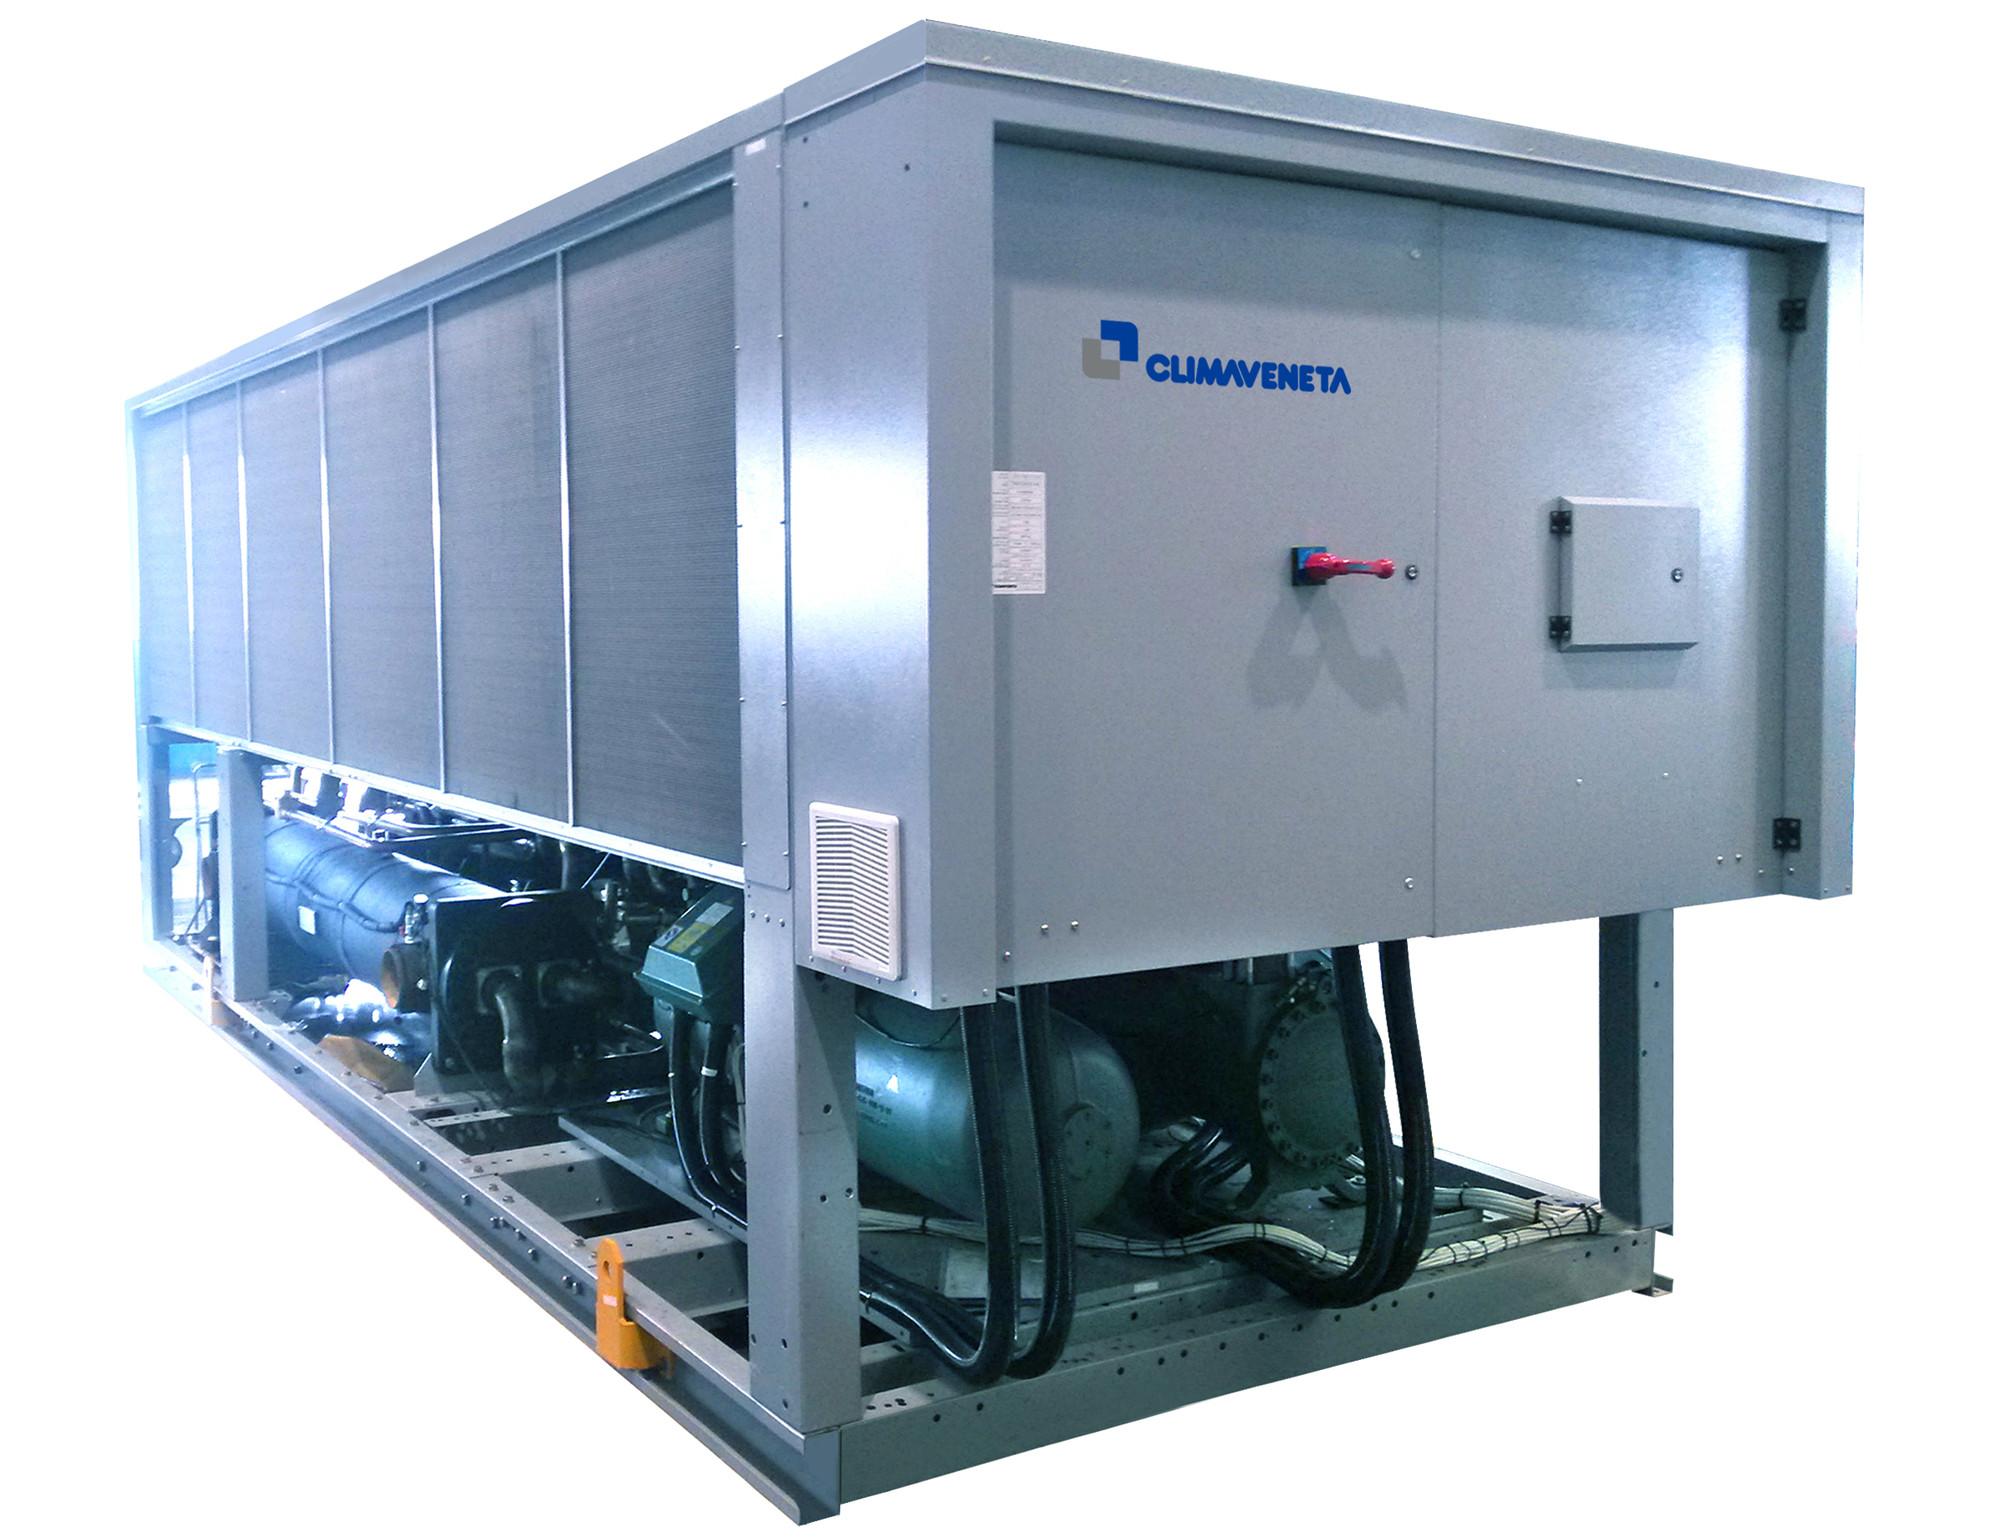 风冷螺杆式热泵机组_克莱门特--风冷热泵